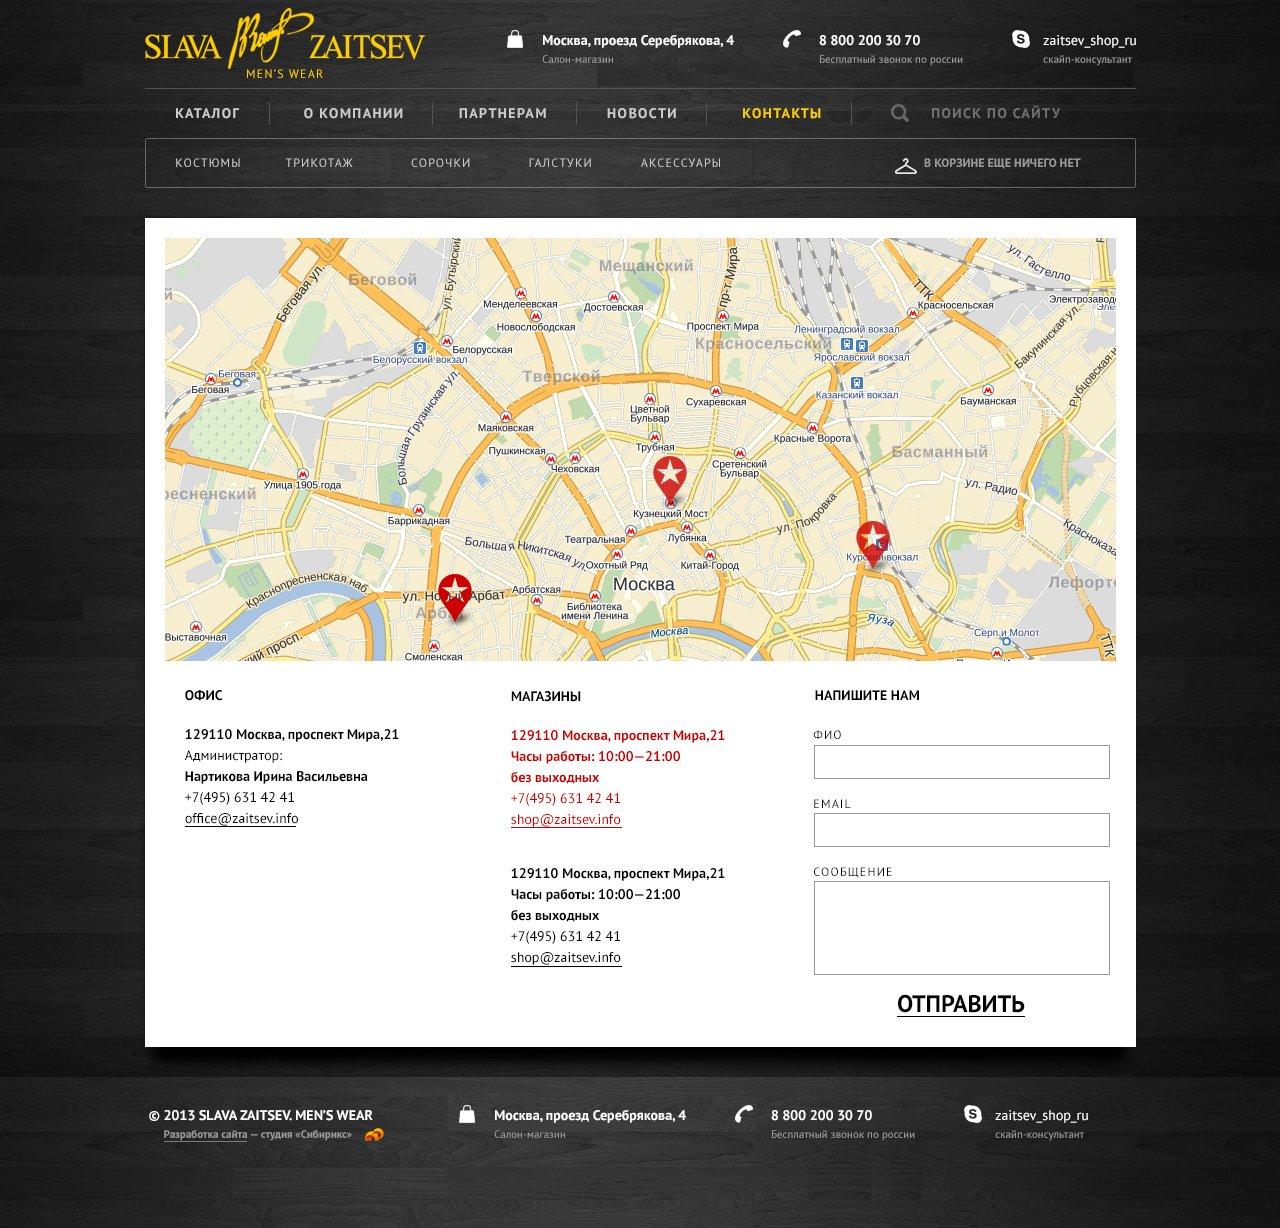 <p><b>Контакты</b></p><p>Показываем адреса интерактивной картой.</p>